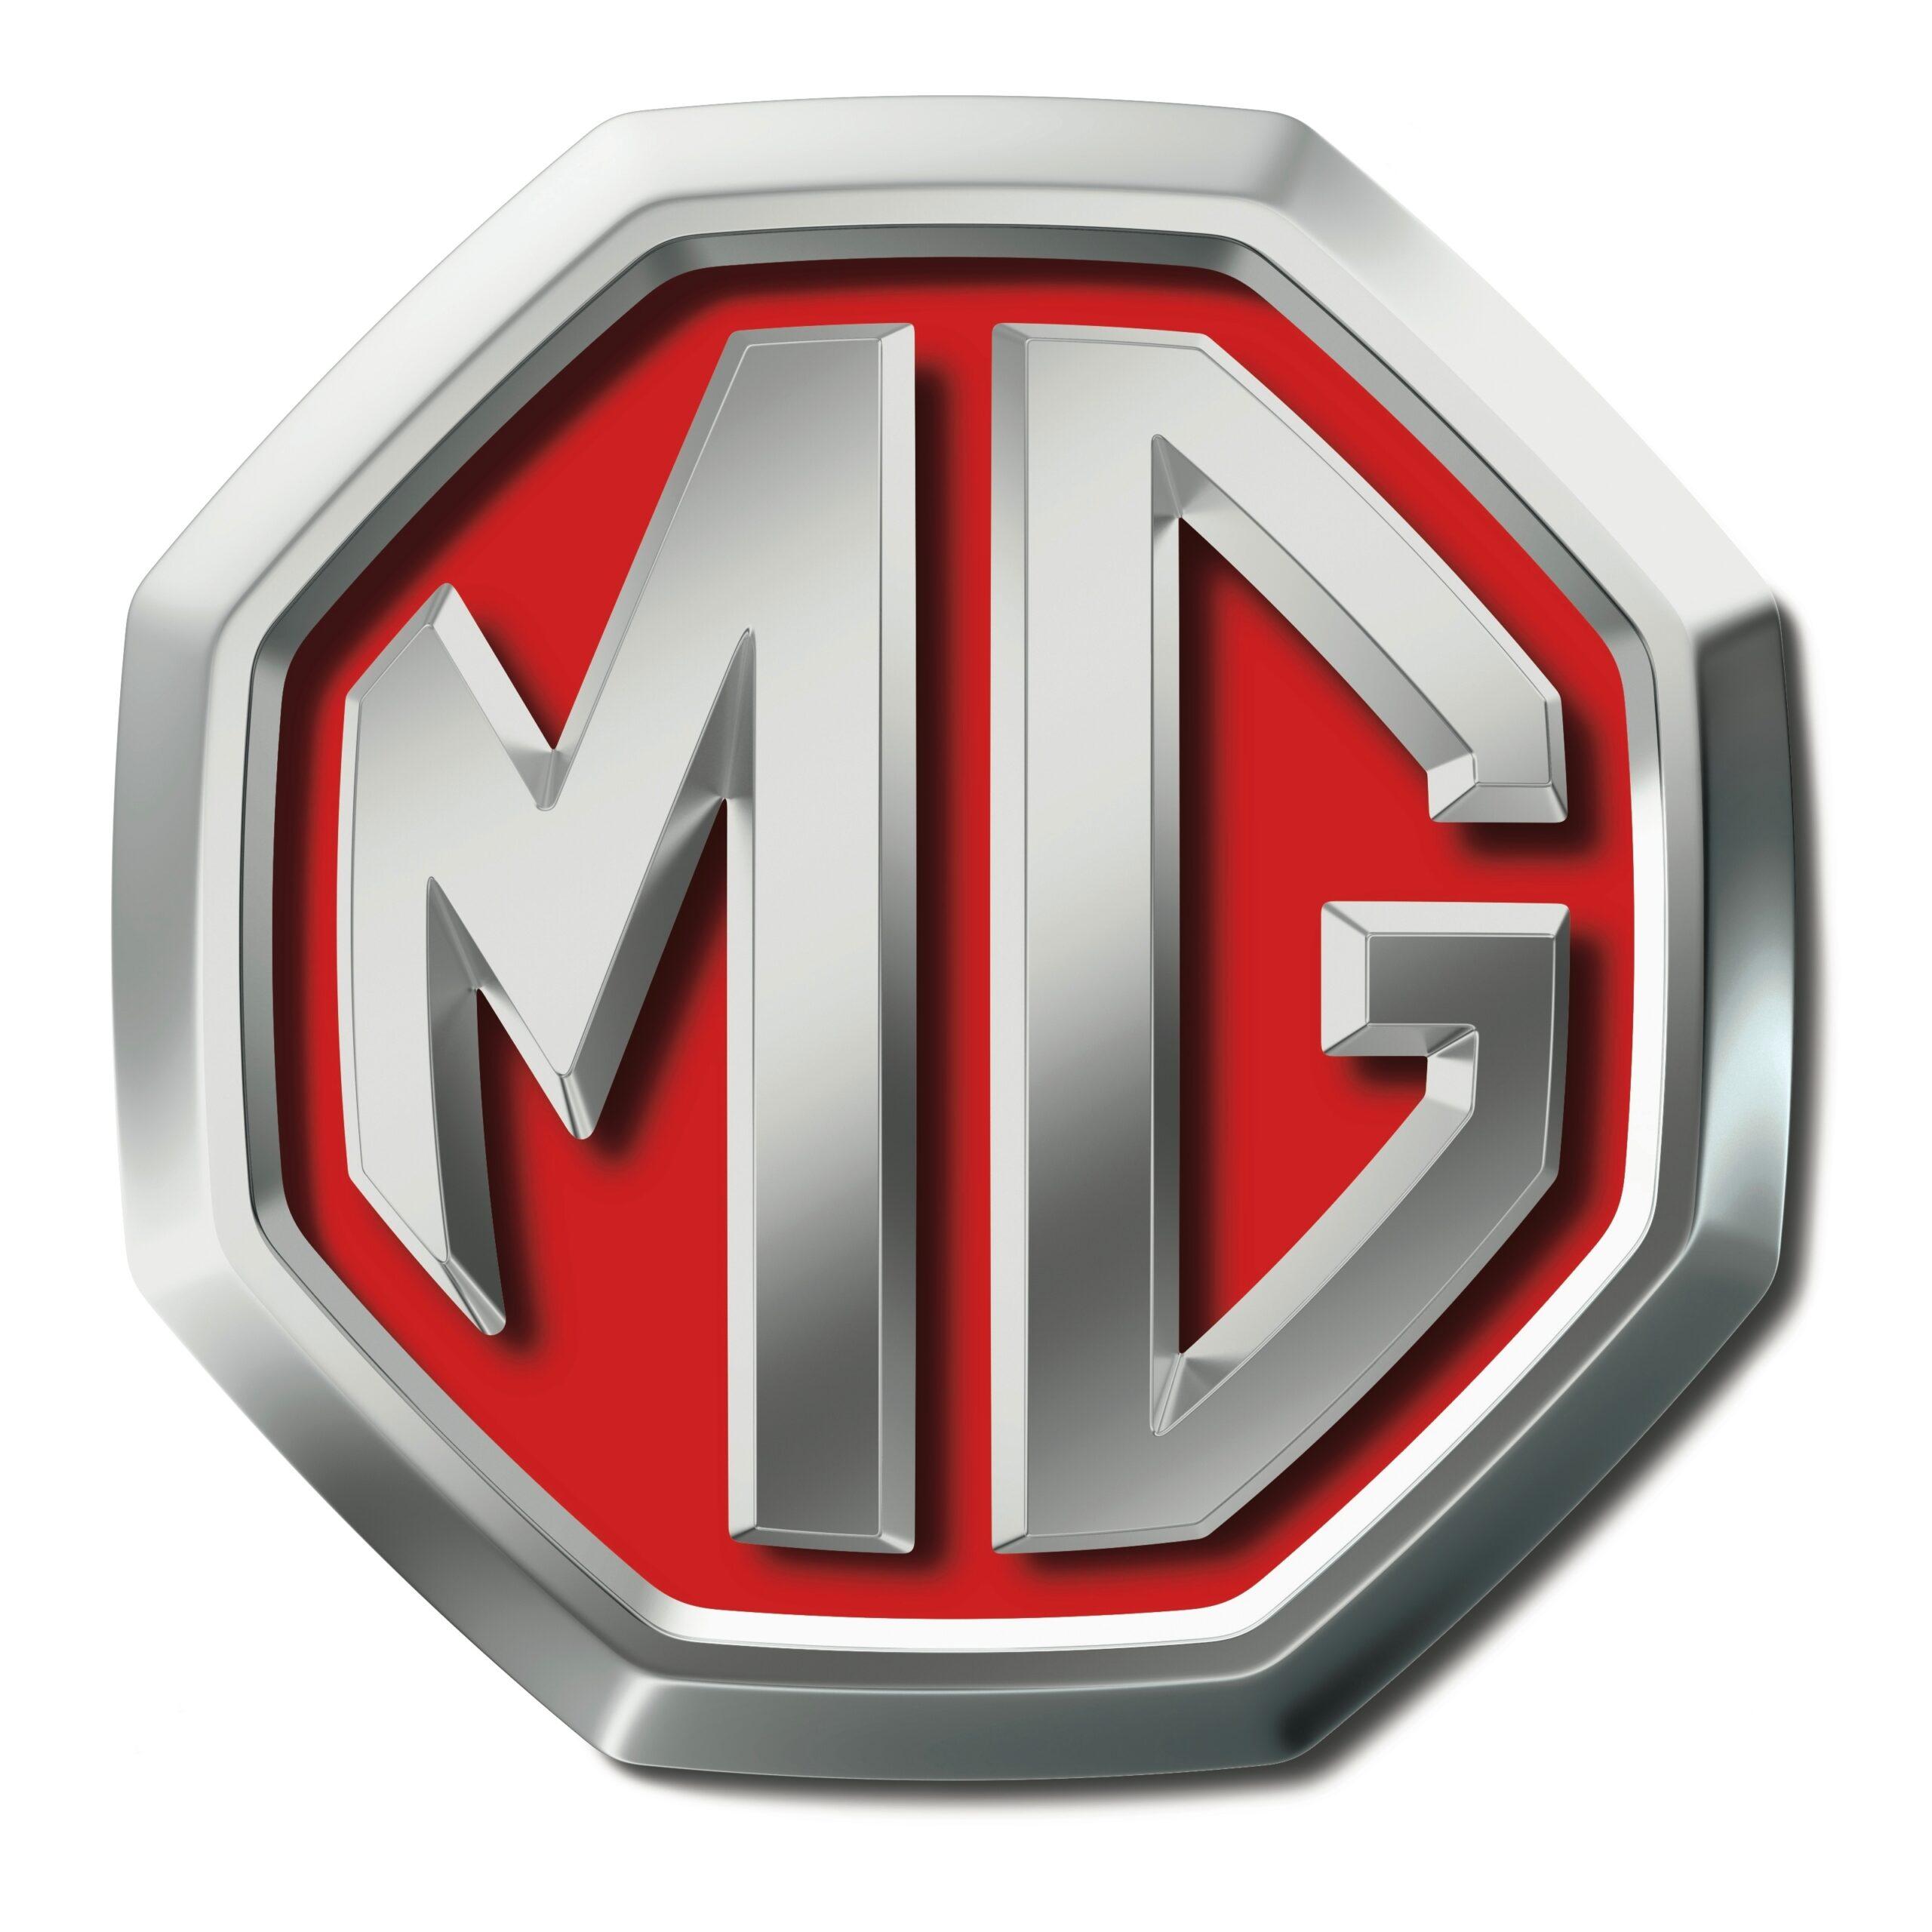 MG logo logotype scaled